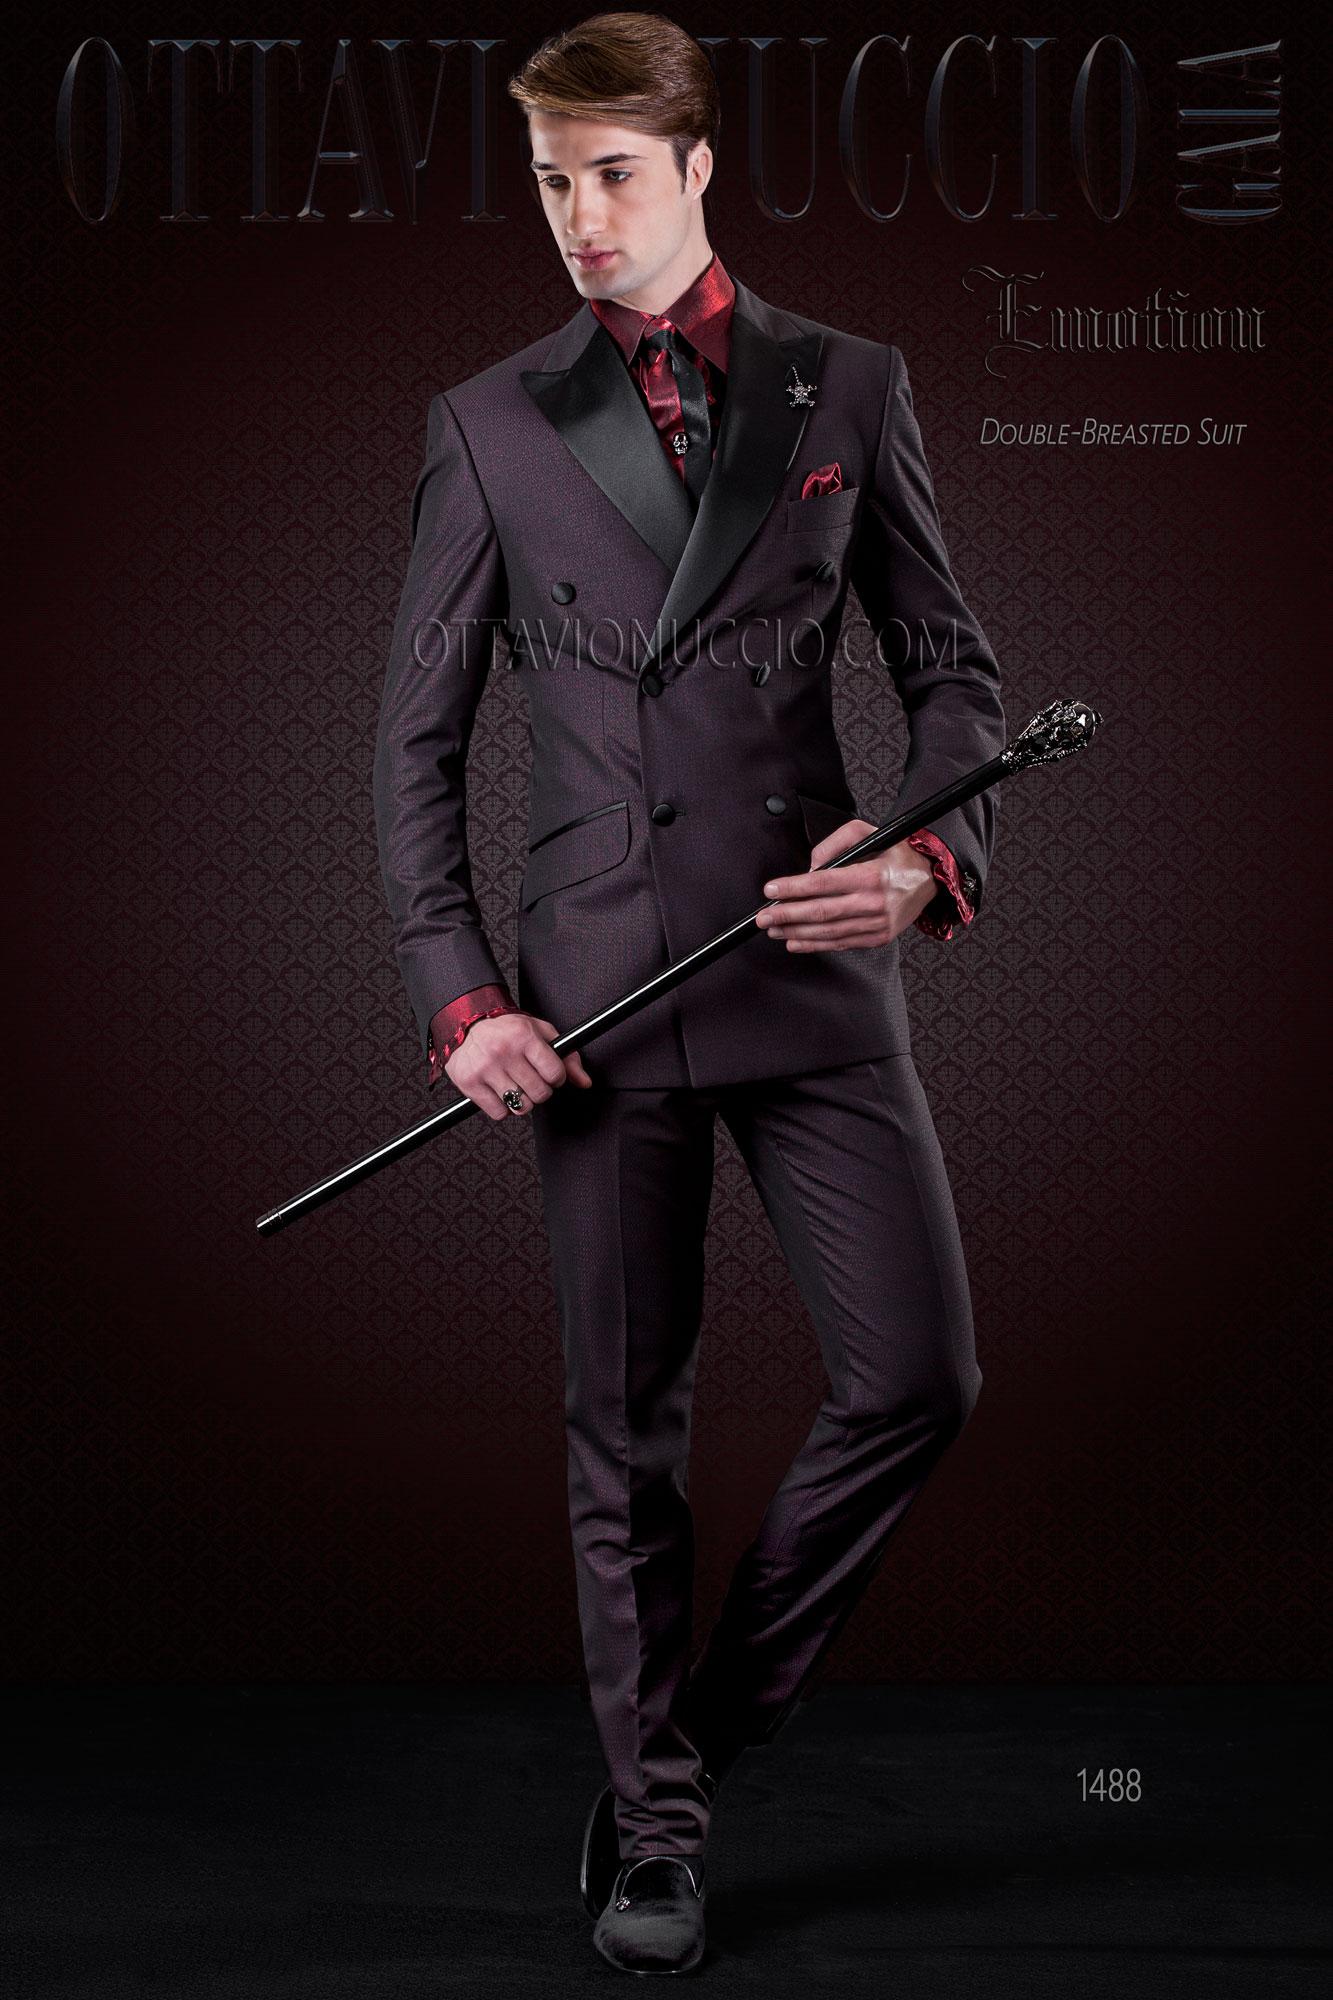 zweireihig mode anzug schwarz und rot mit satin revers. Black Bedroom Furniture Sets. Home Design Ideas